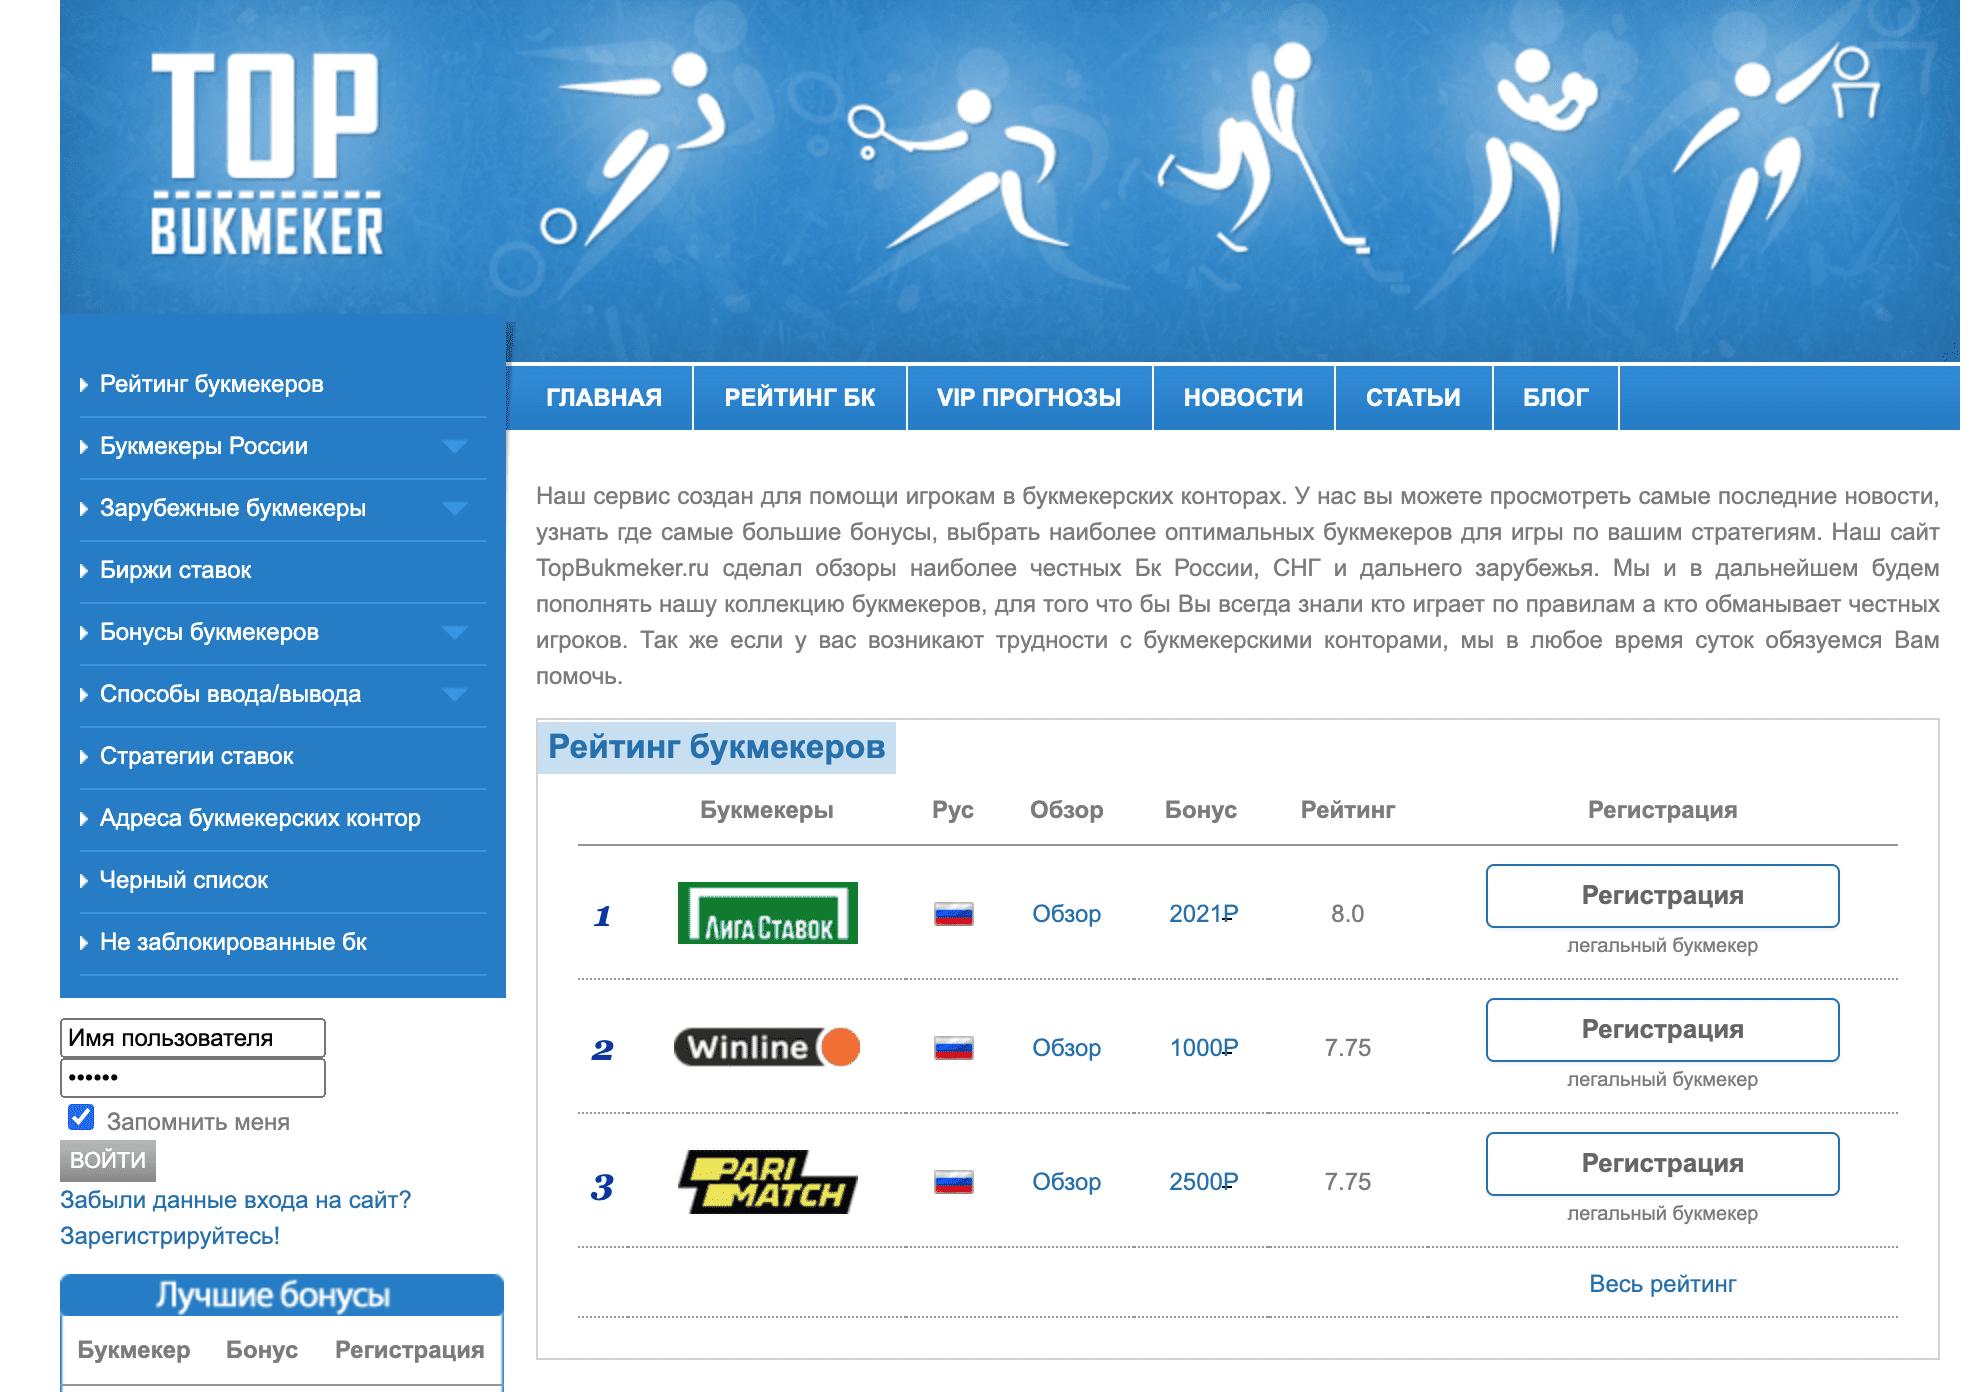 Главная страница сайта Topbukmeker.ru(Топбукмекер.ру)